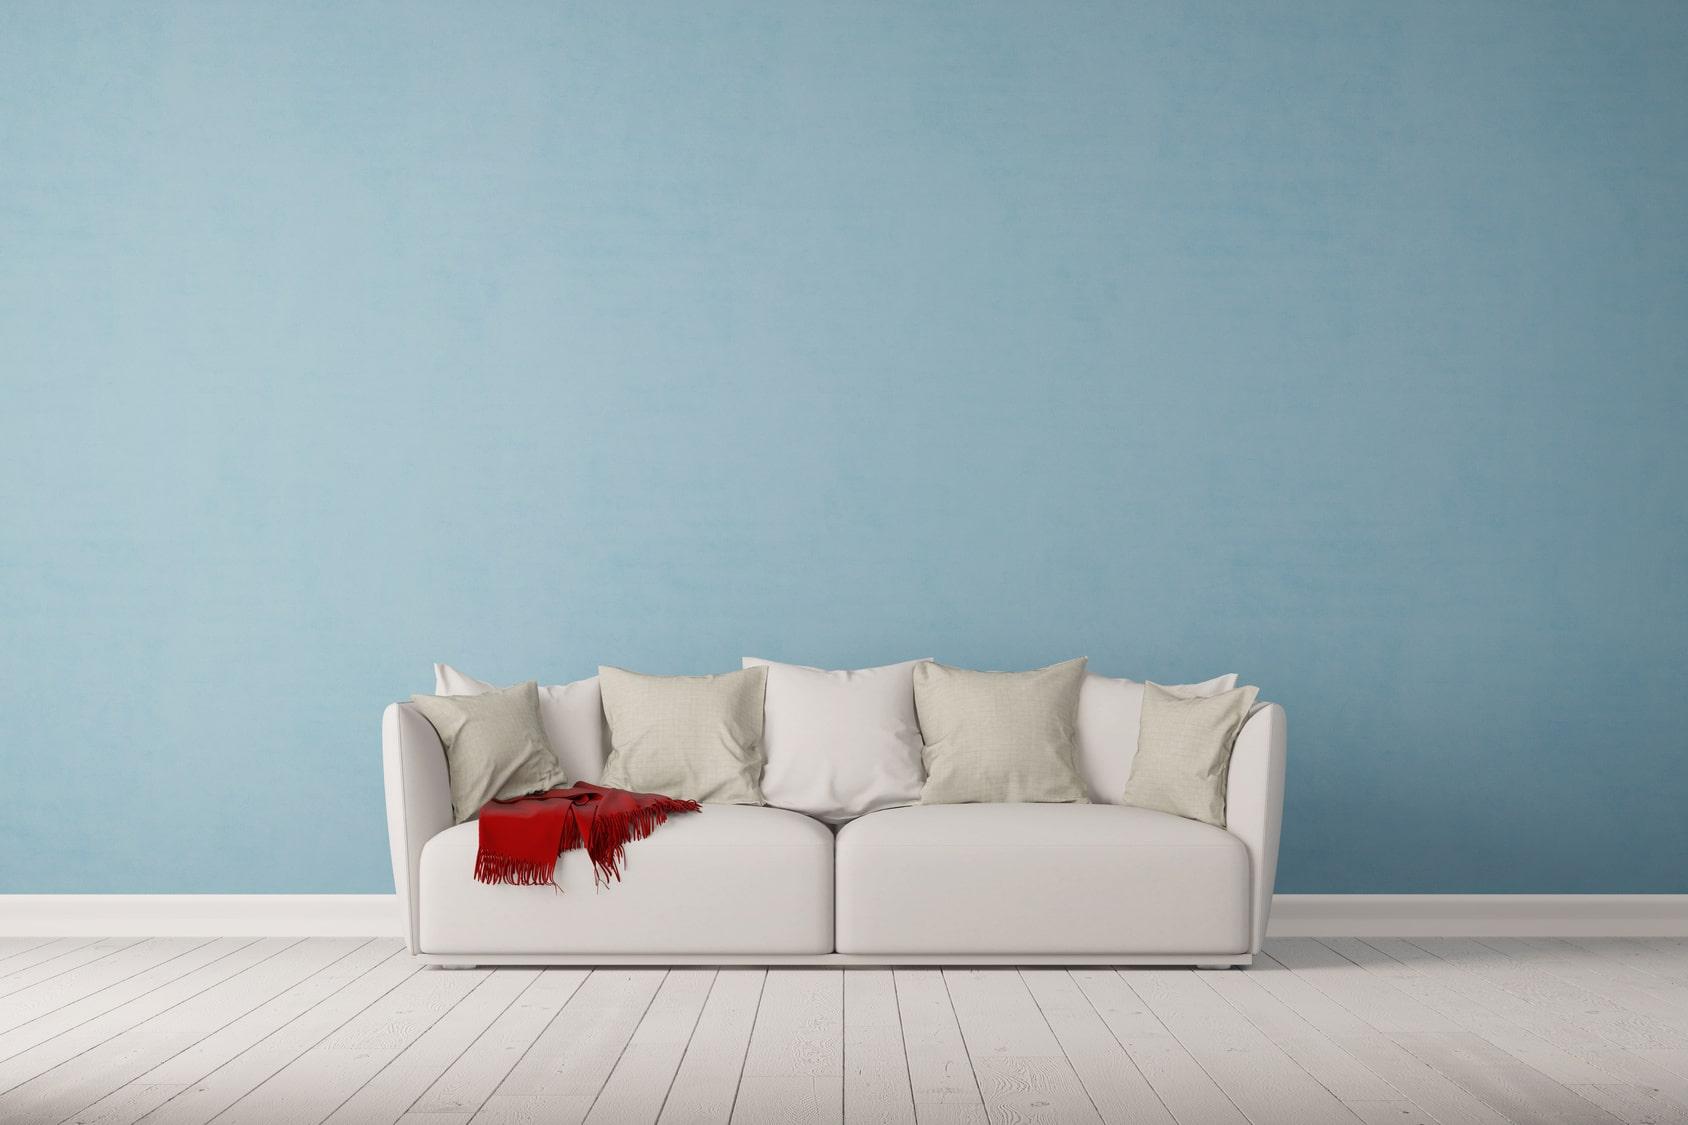 quelles couleurs choisir pour agrandir une pi ce. Black Bedroom Furniture Sets. Home Design Ideas